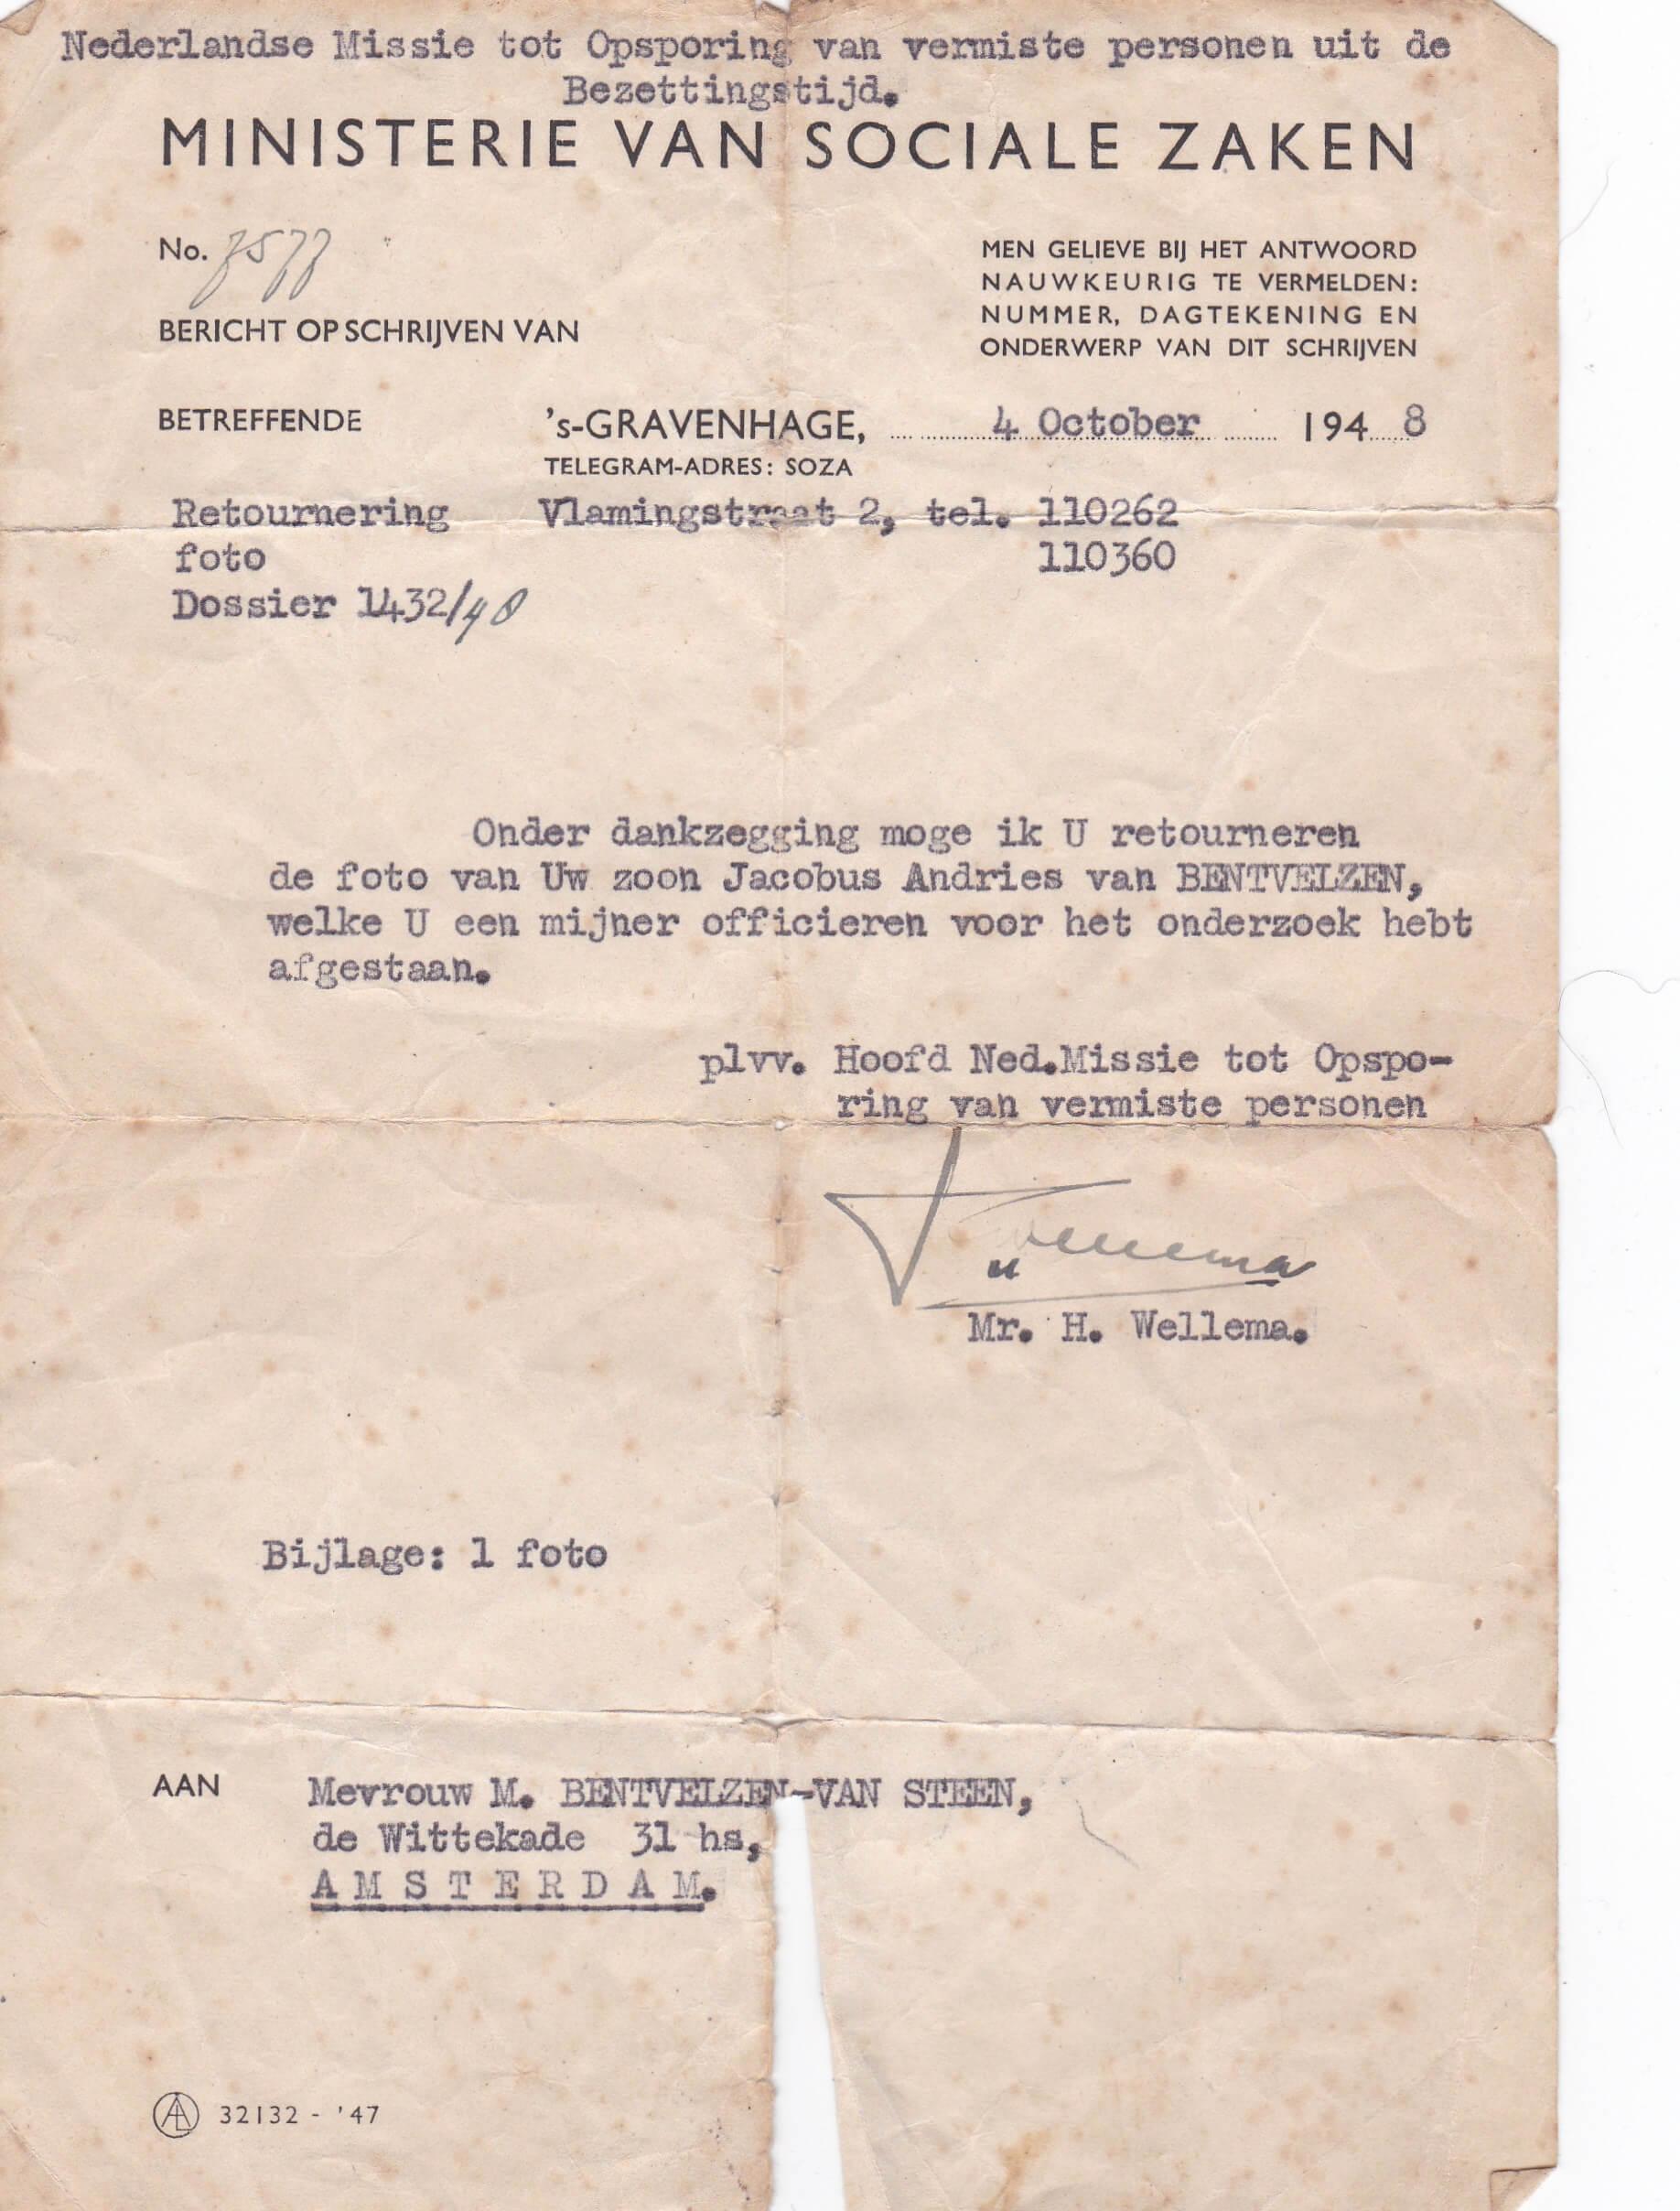 Nederlandse missie tot opsporing van vermiste personen uit de bezettingstijd